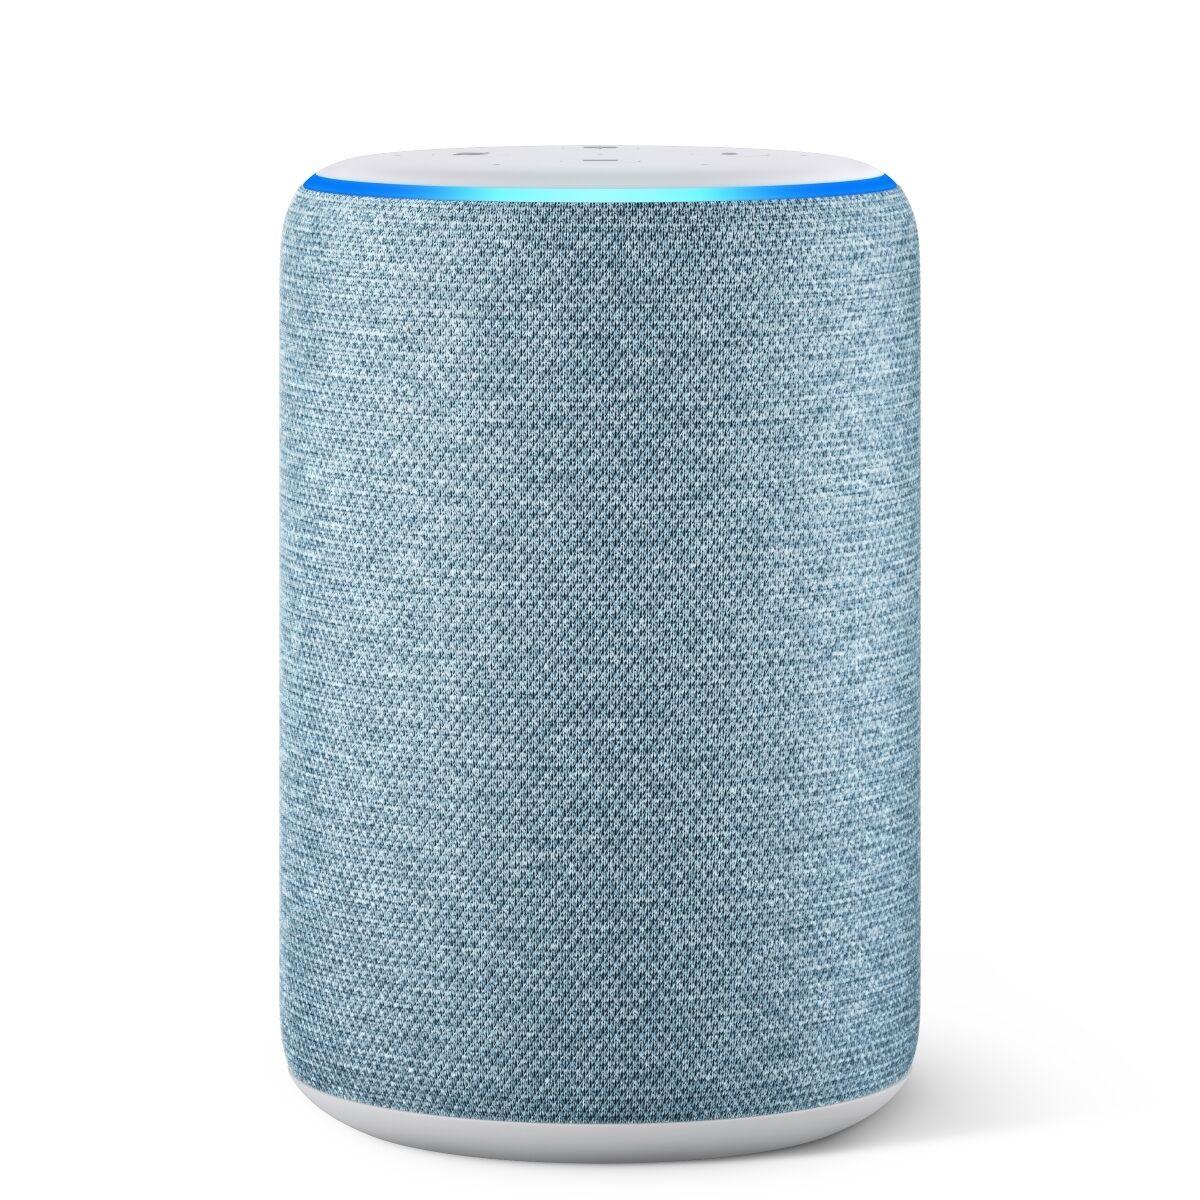 Full Size of Sofa Mit Musikboxen Lautsprecher Und Led Big Licht Couch Amazon Echo 3 Generation Smarter Alexa 2er Grau Jugendzimmer Relaxfunktion Sitzer Günstiges Beziehen Wohnzimmer Sofa Mit Musikboxen